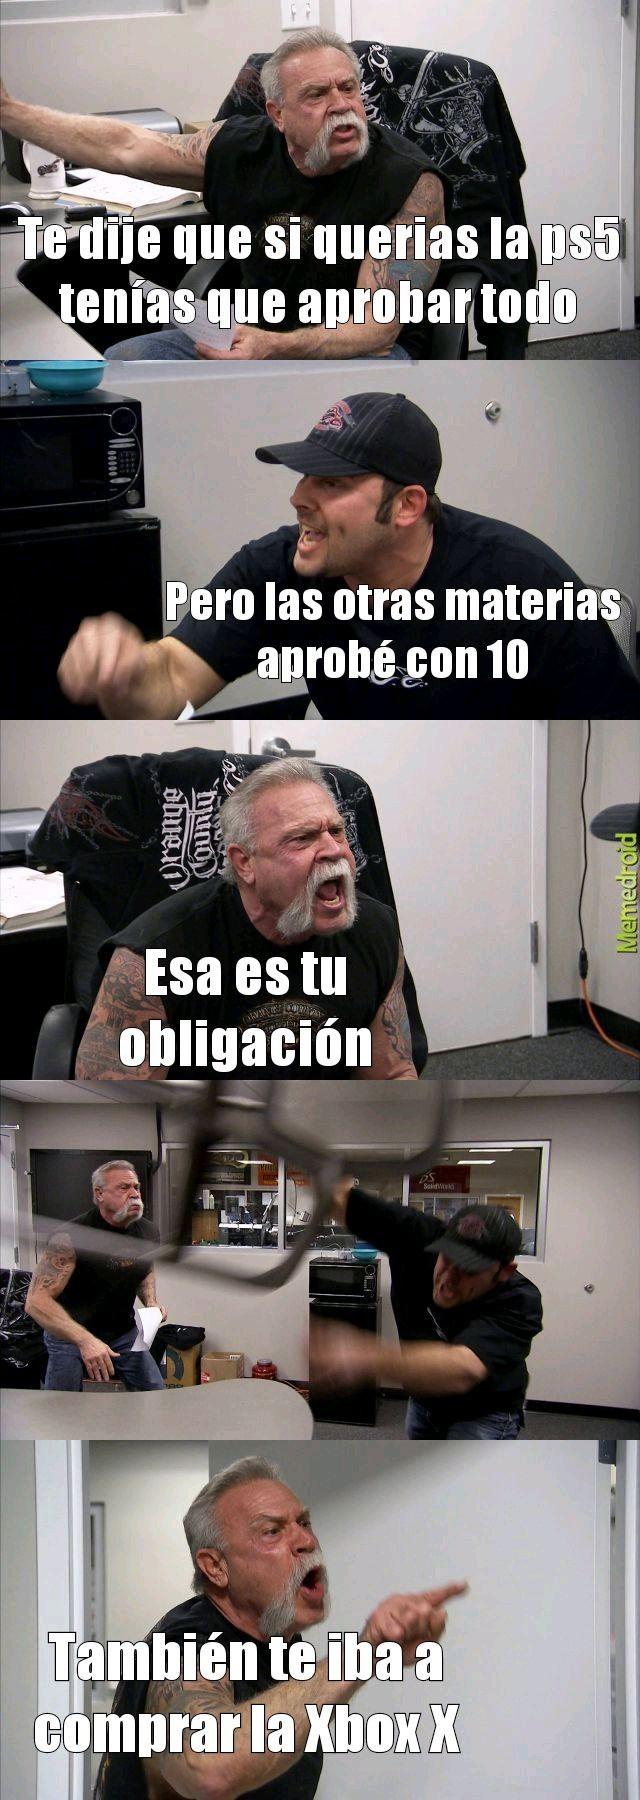 Esa es tu obligación - meme